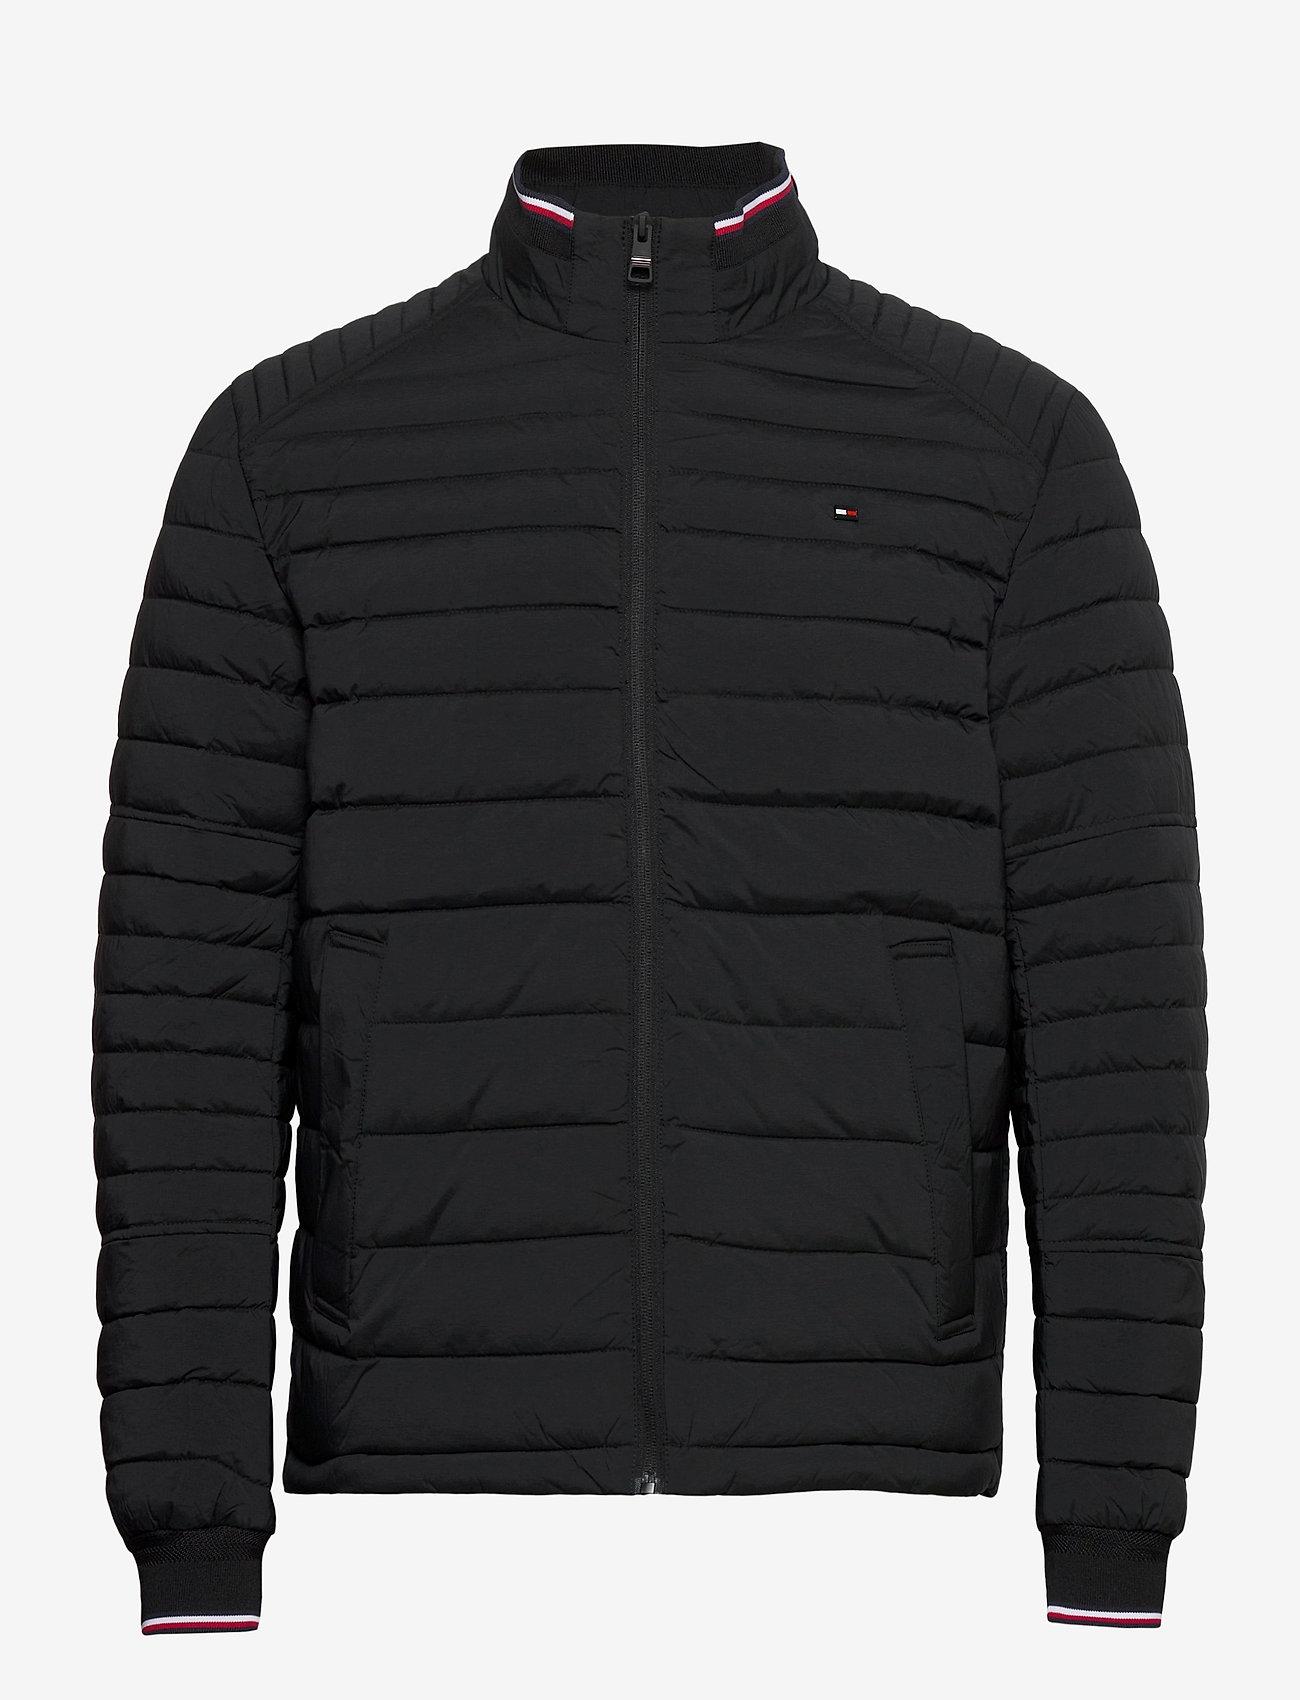 Tommy Hilfiger Mens Stretch Quilted Vest Jacket